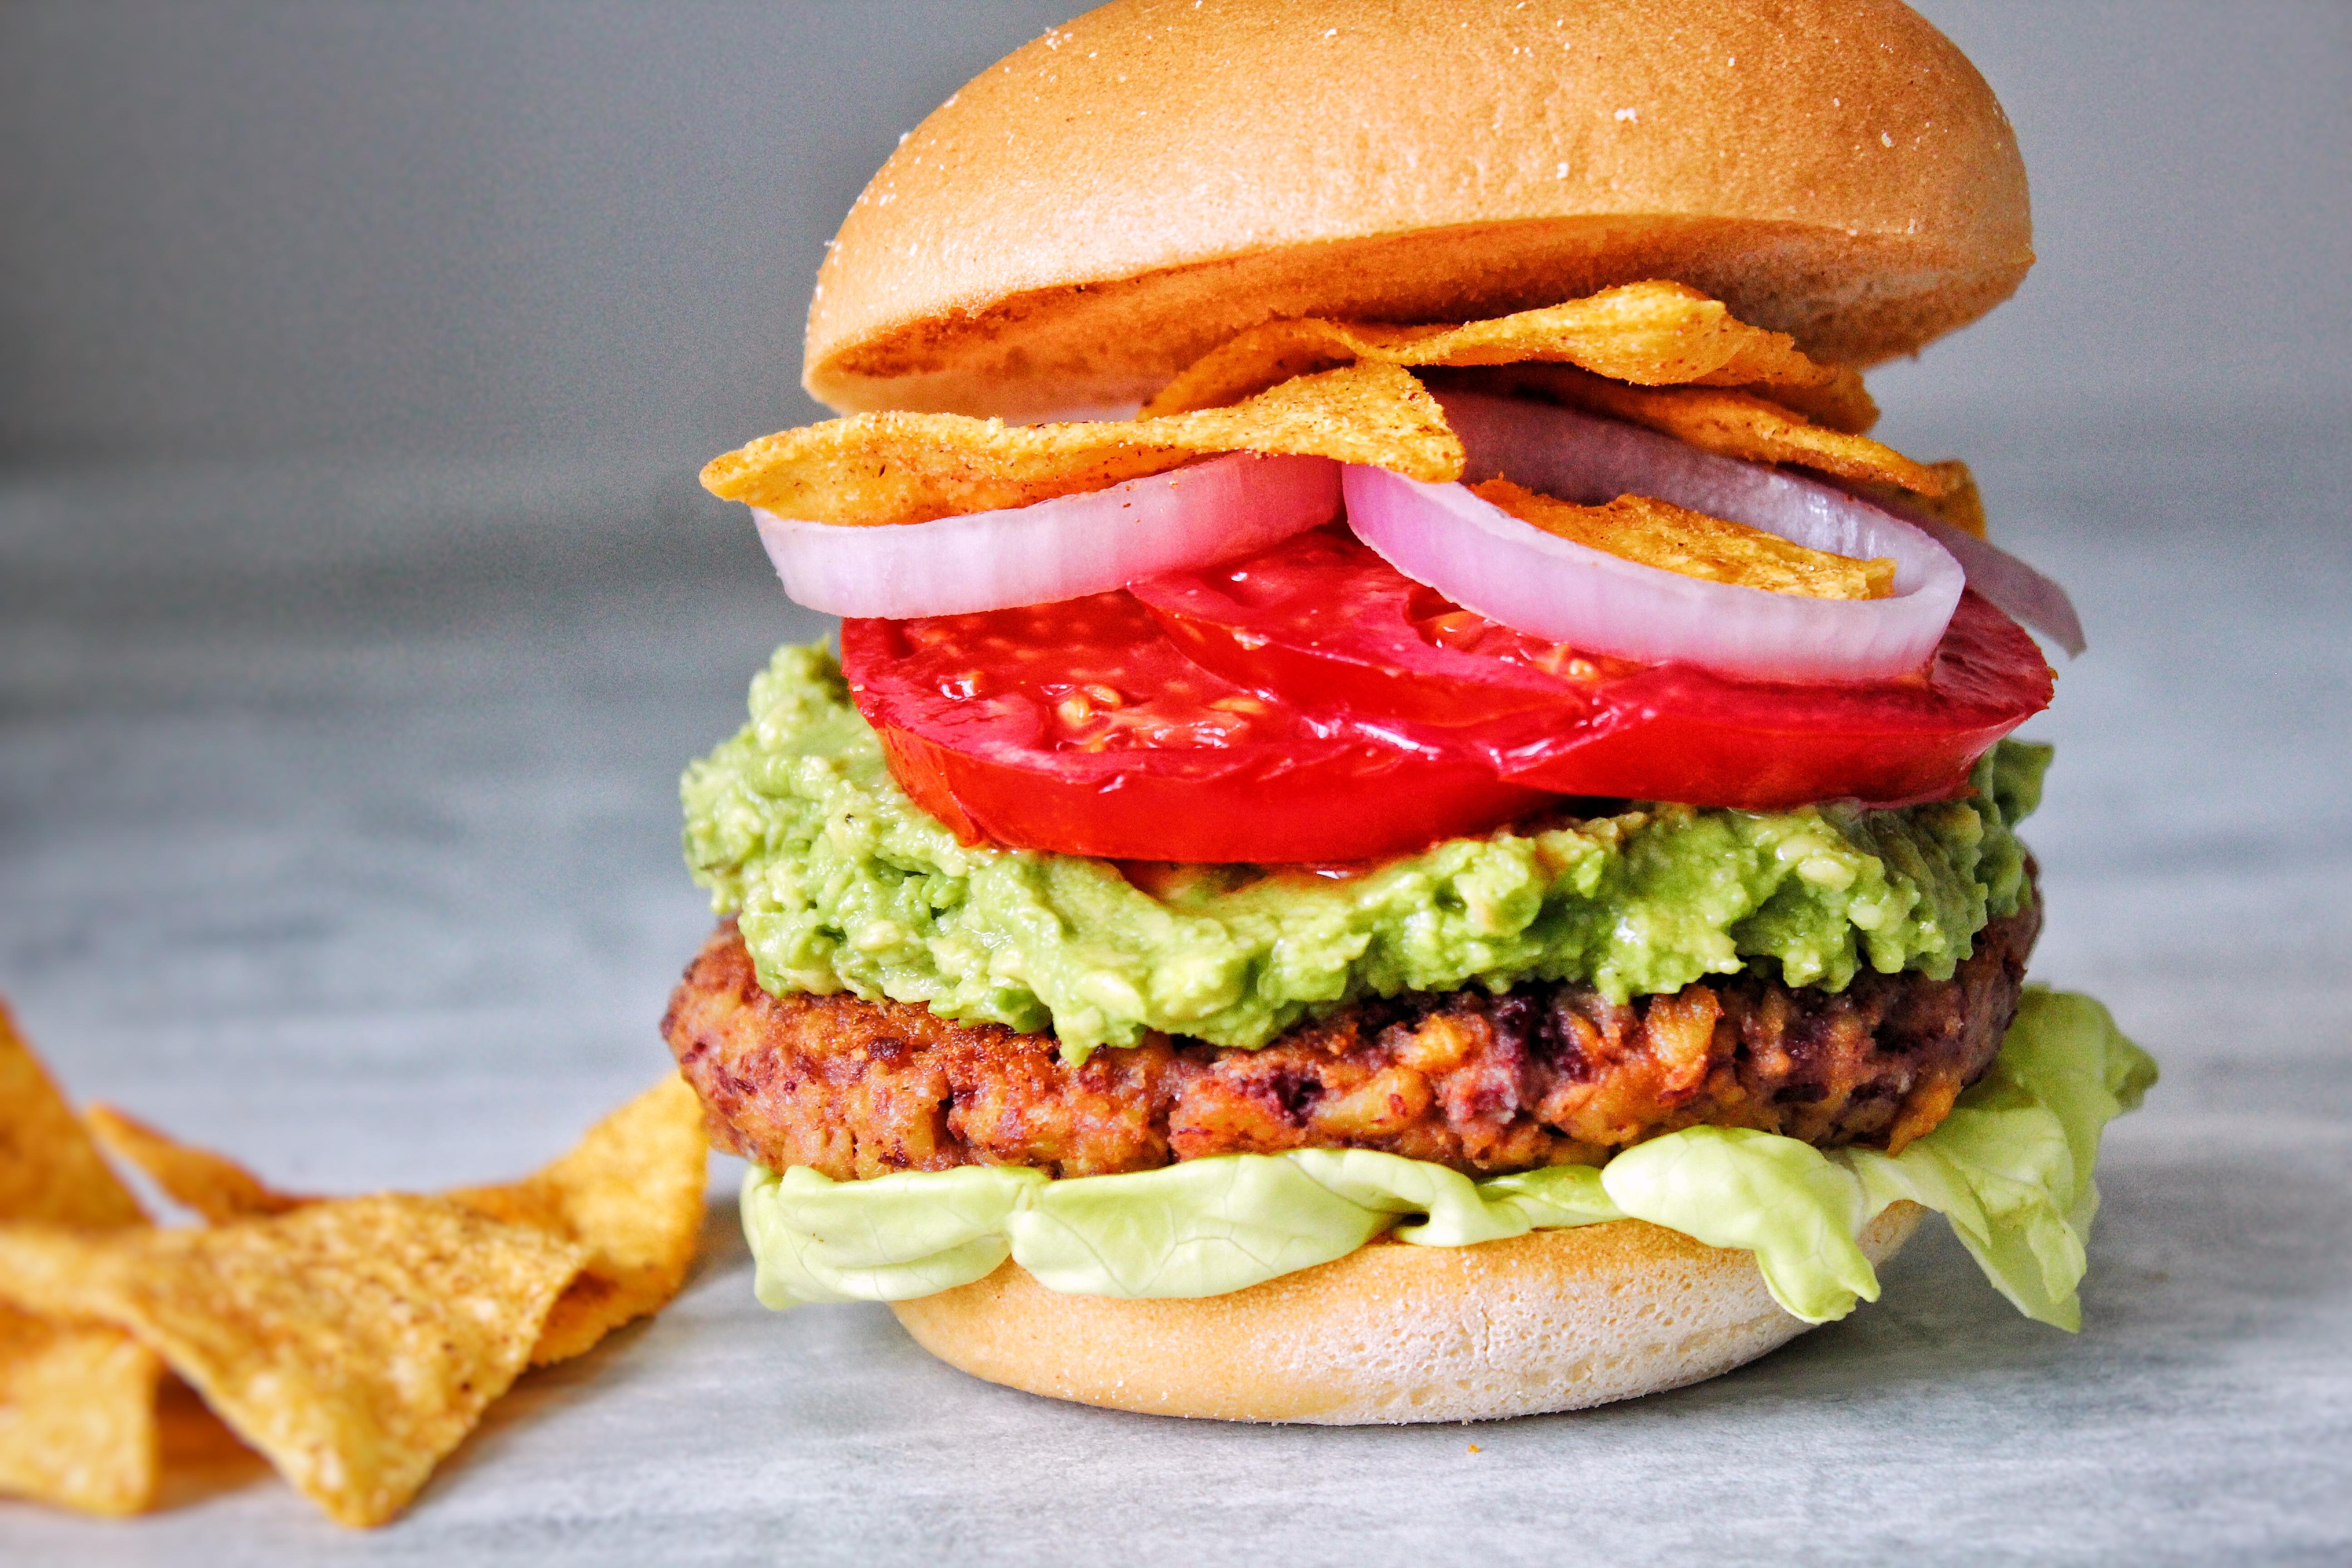 Burger steaks haricots rouges protéines soja texturées guacamole vegan sans gluten sans lactose végétarien